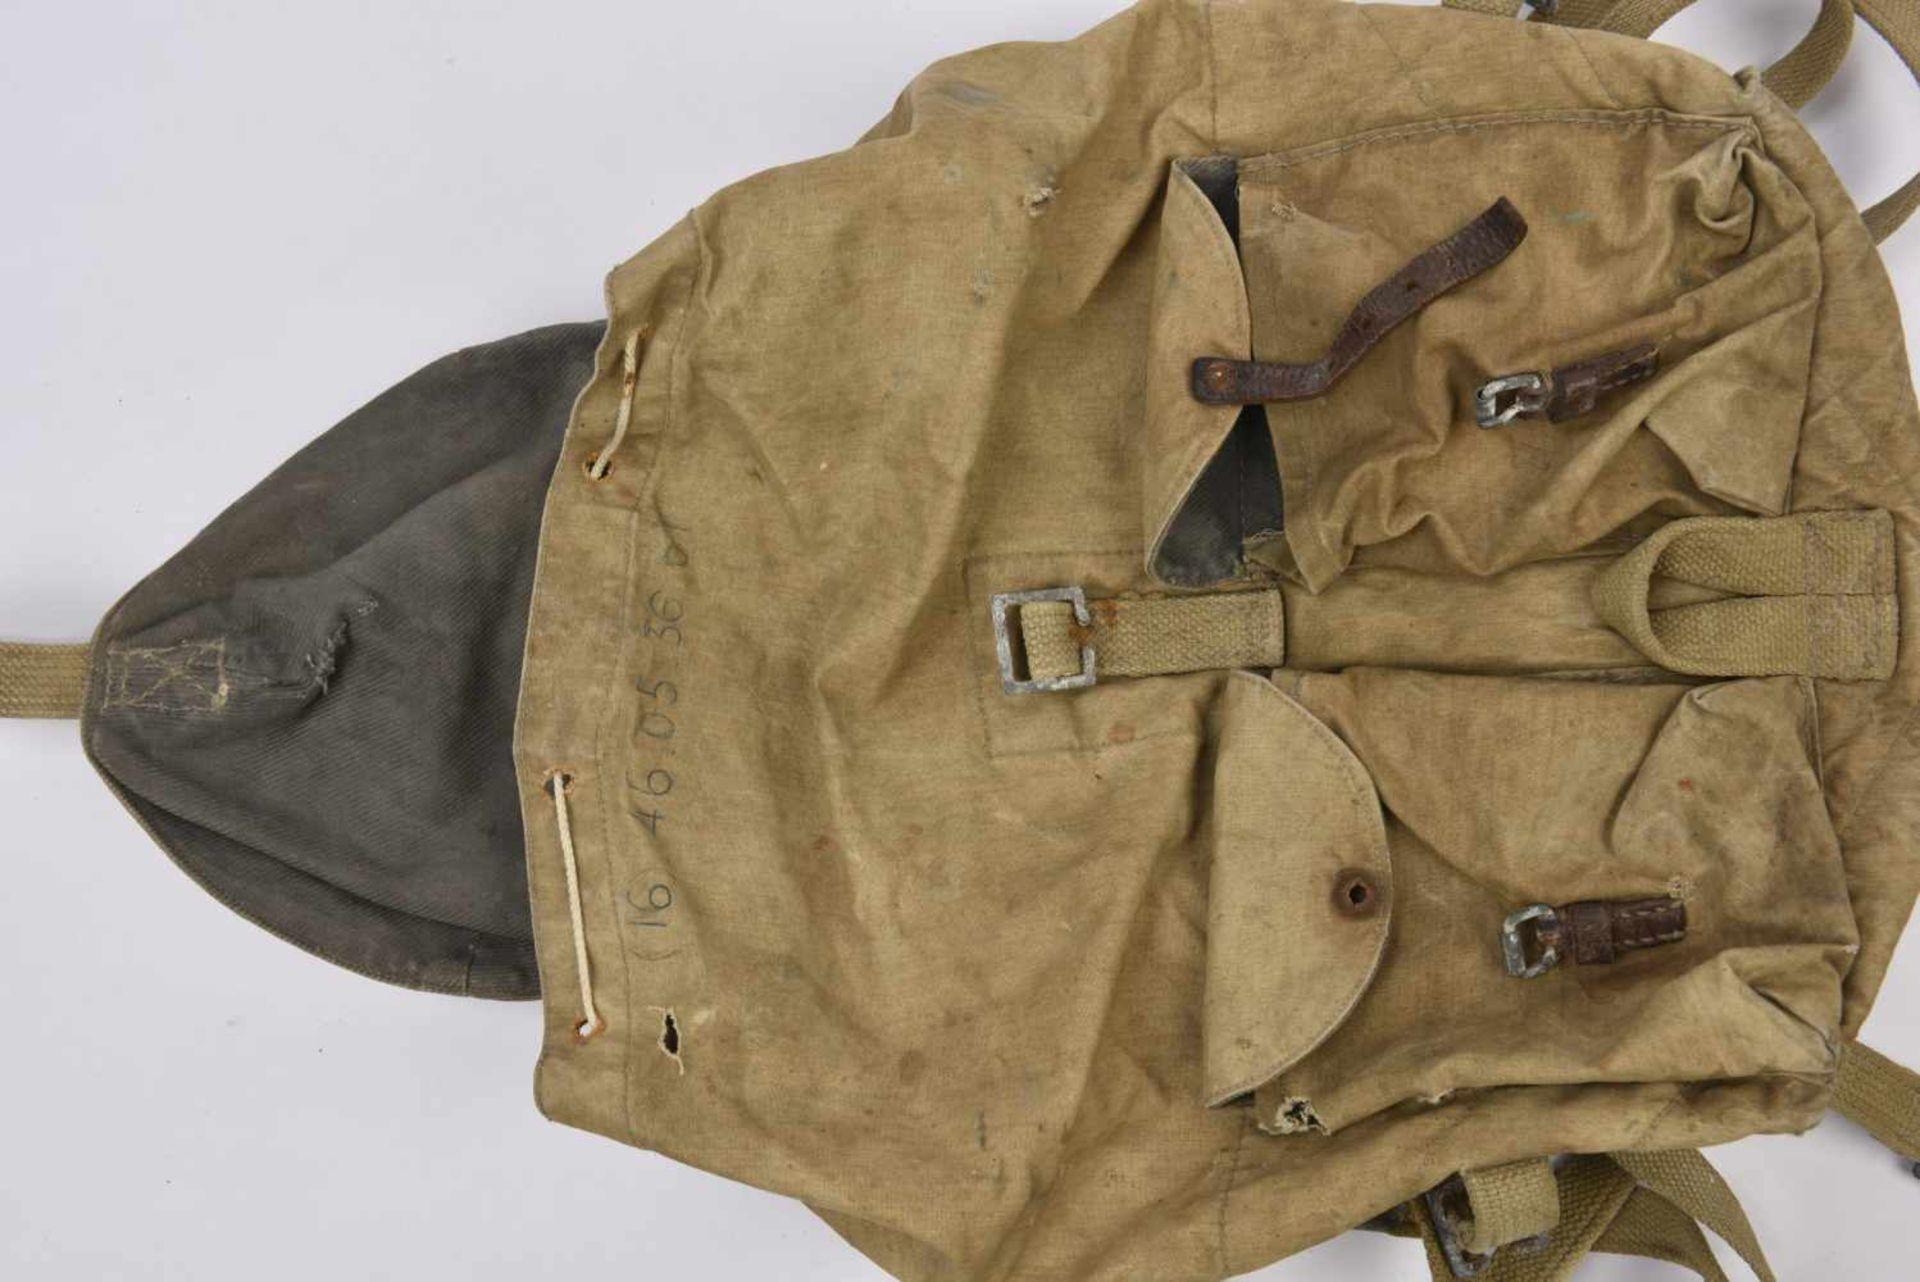 Sac à dos M.41 complet avec toutes ses sangles intégrées. Une languette de pochette manquante. - Bild 3 aus 4